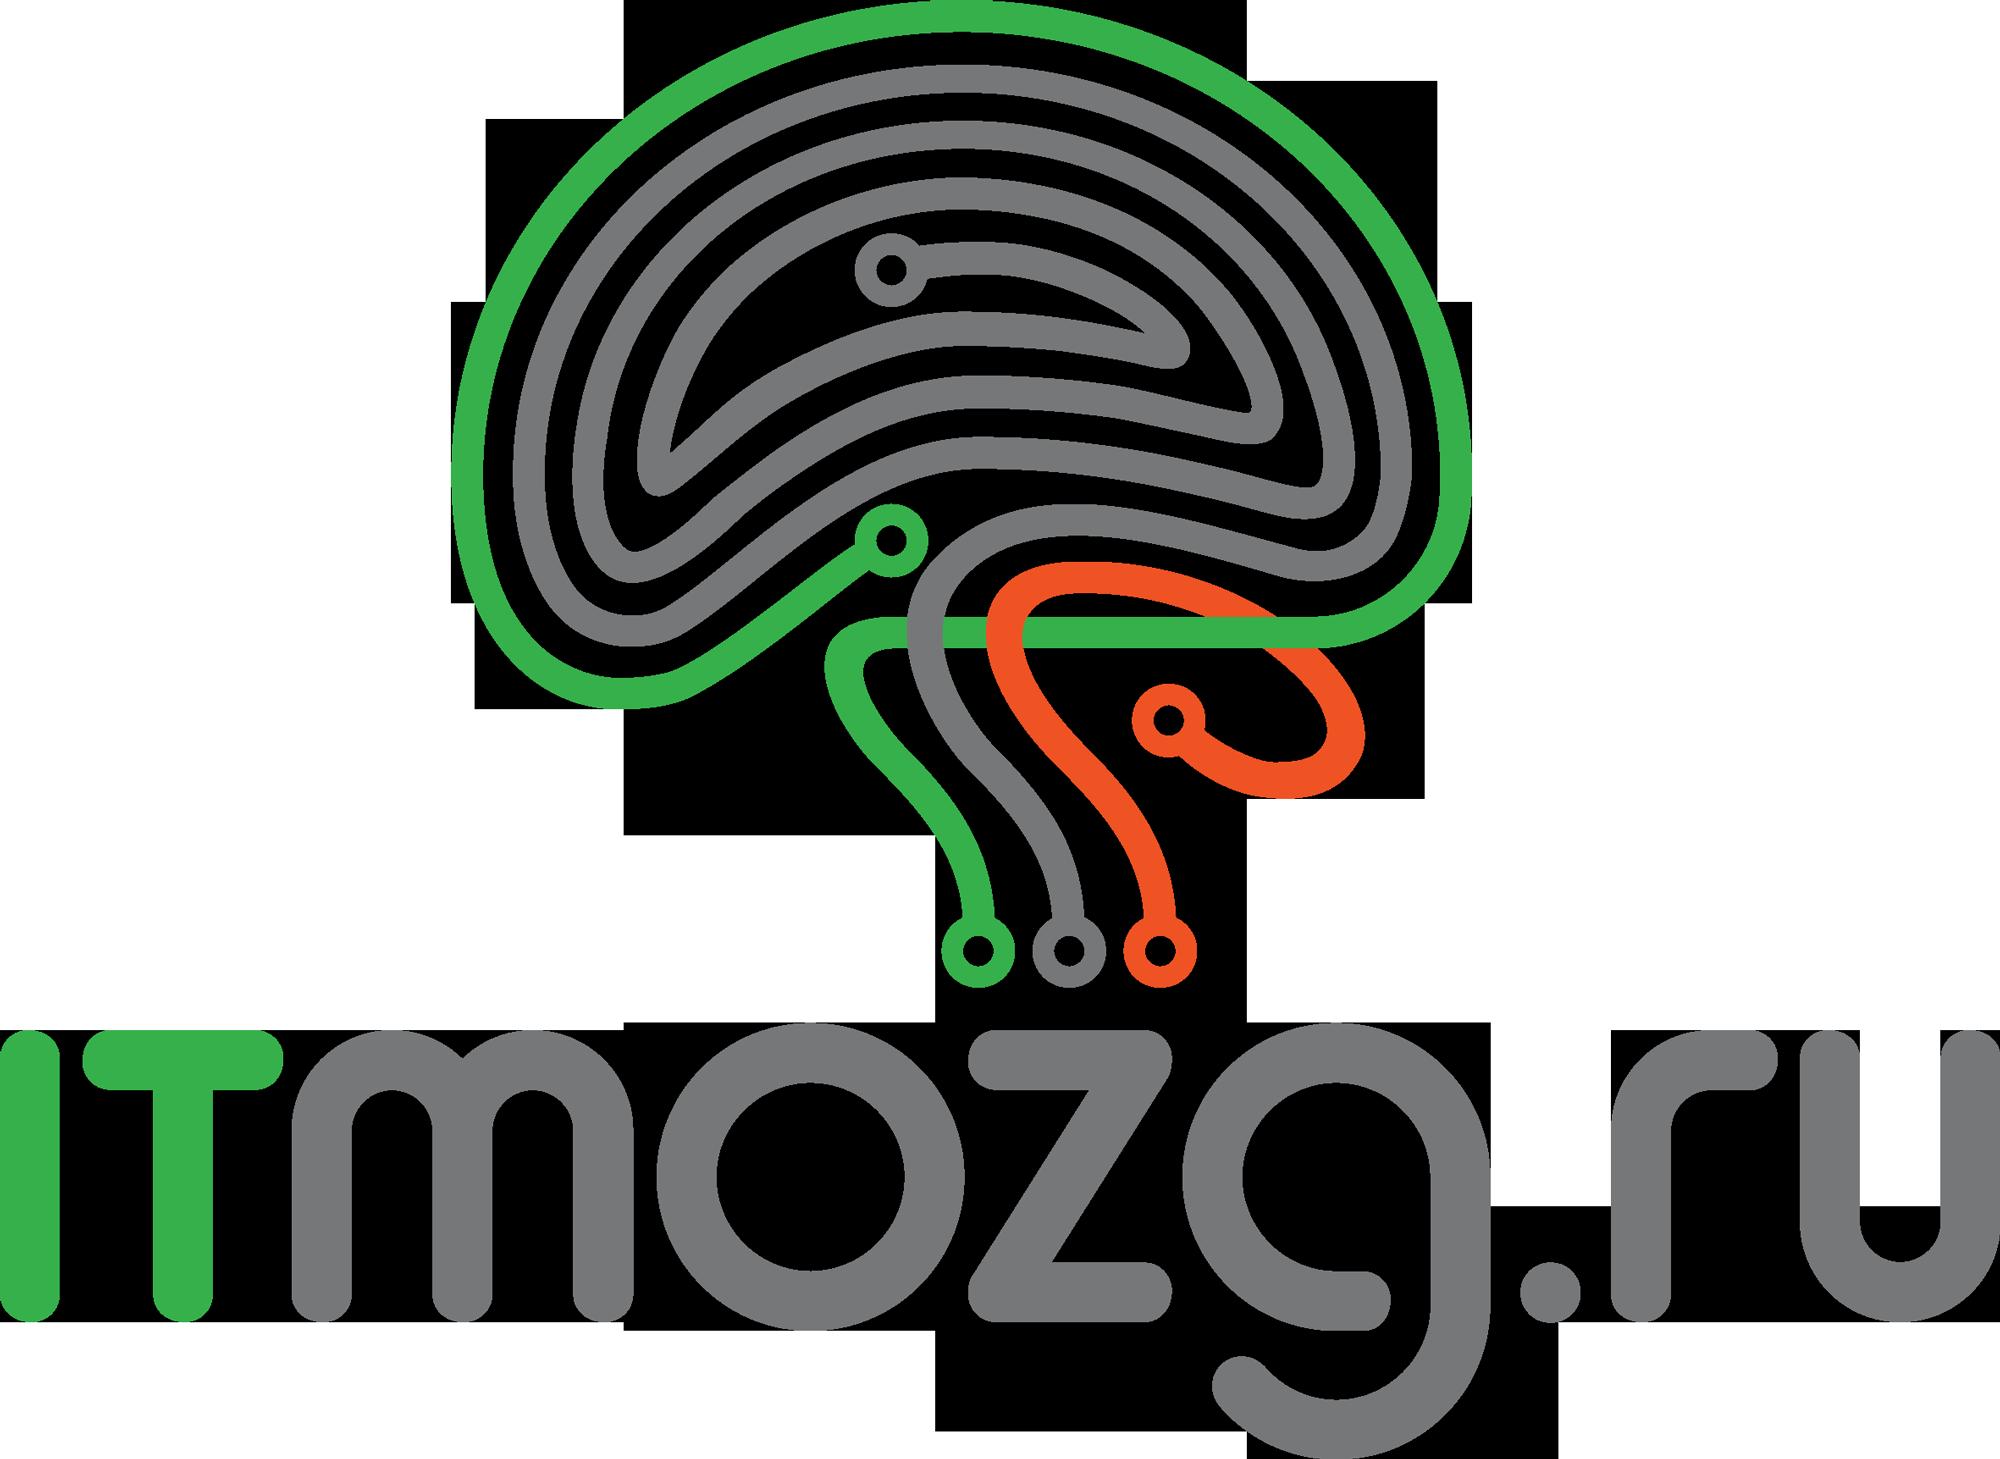 it mozg